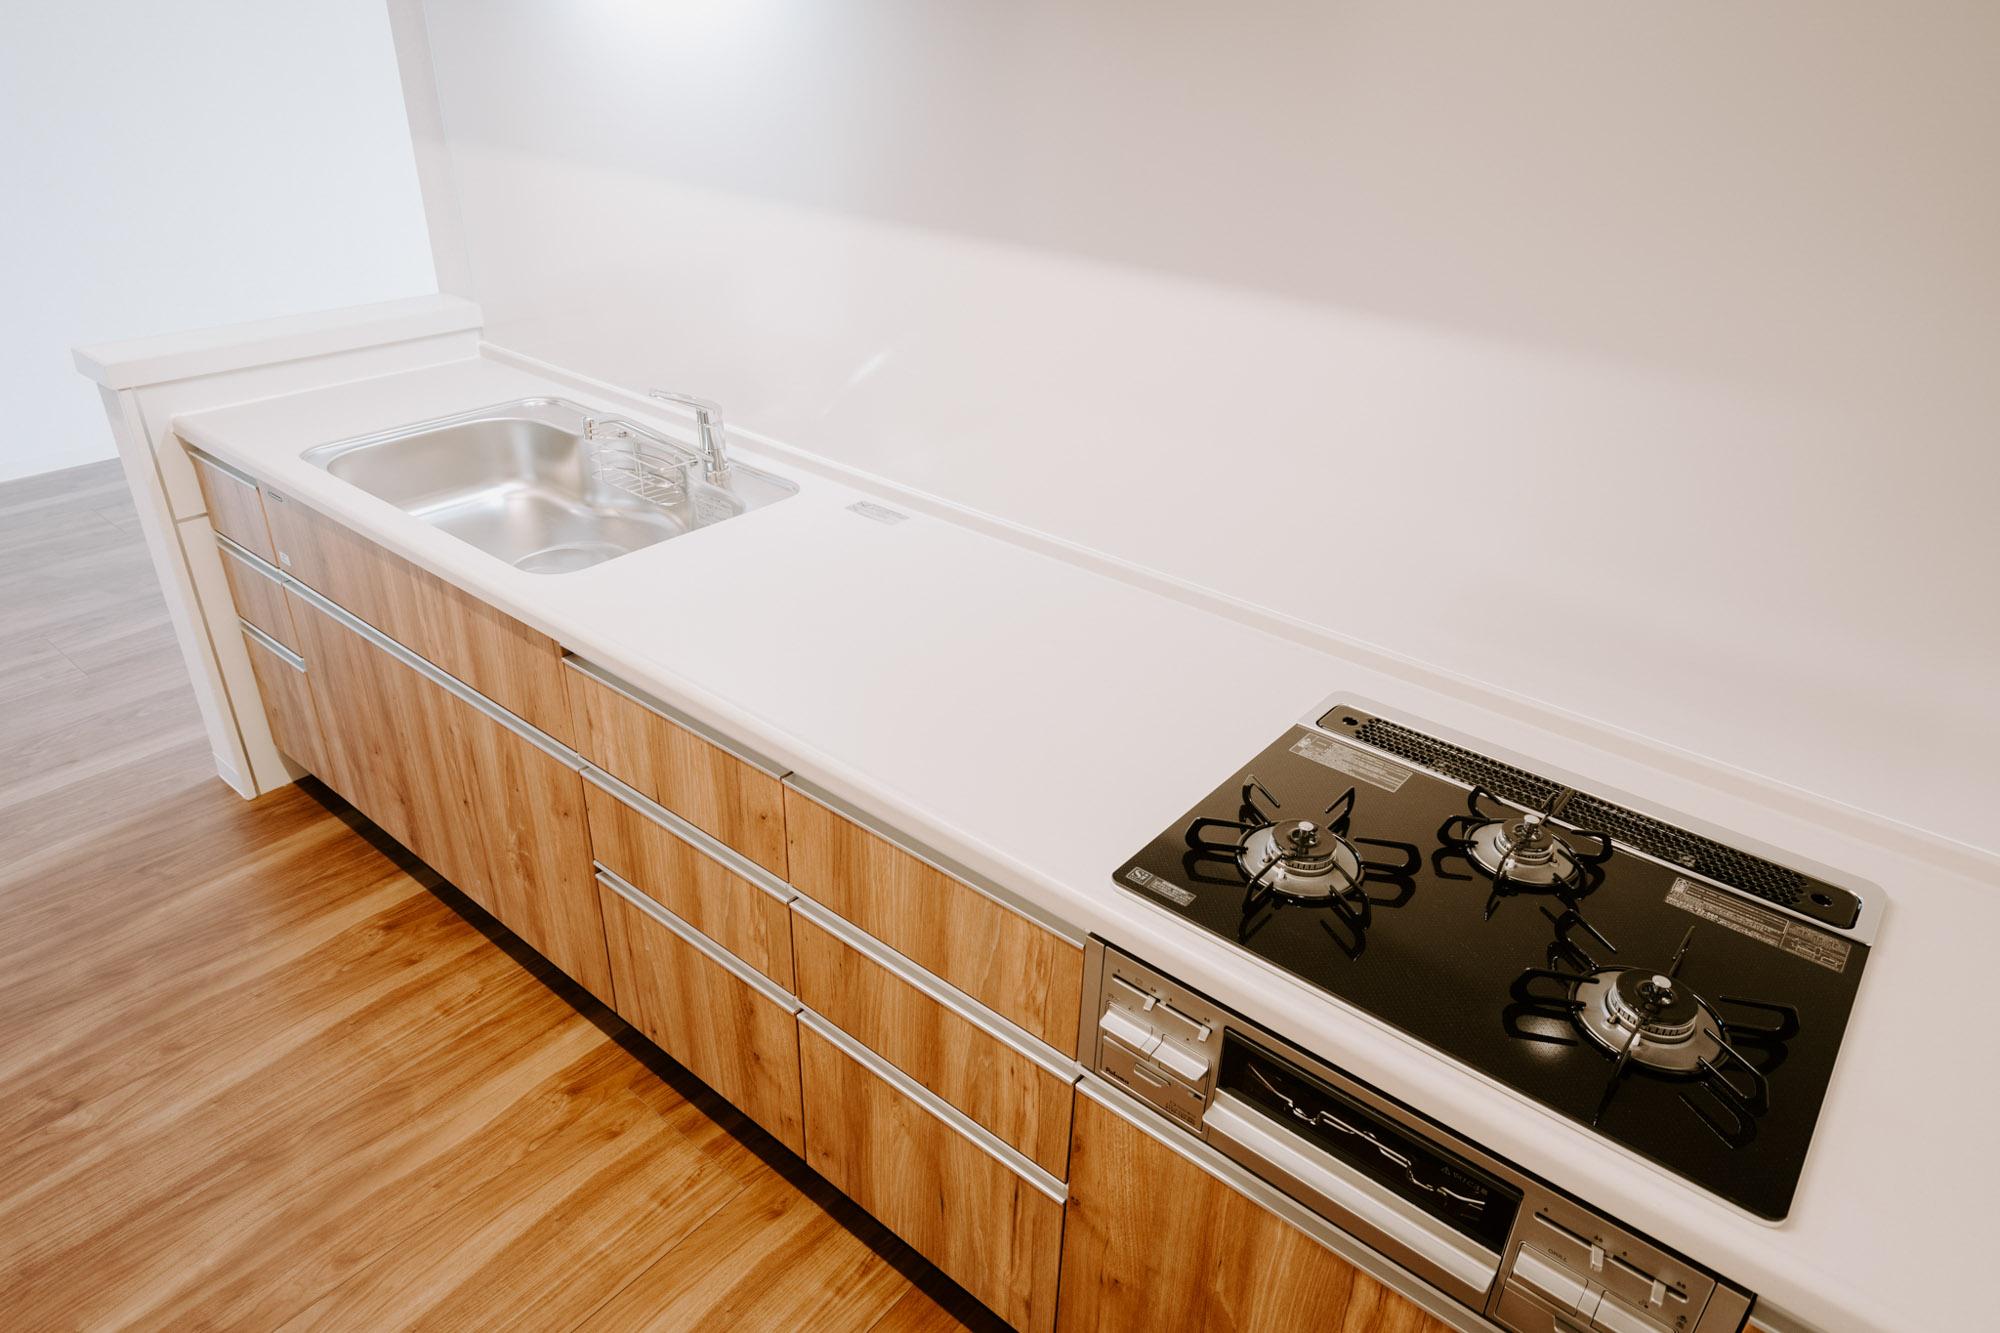 それにしてもこのキッチン、とても広い!